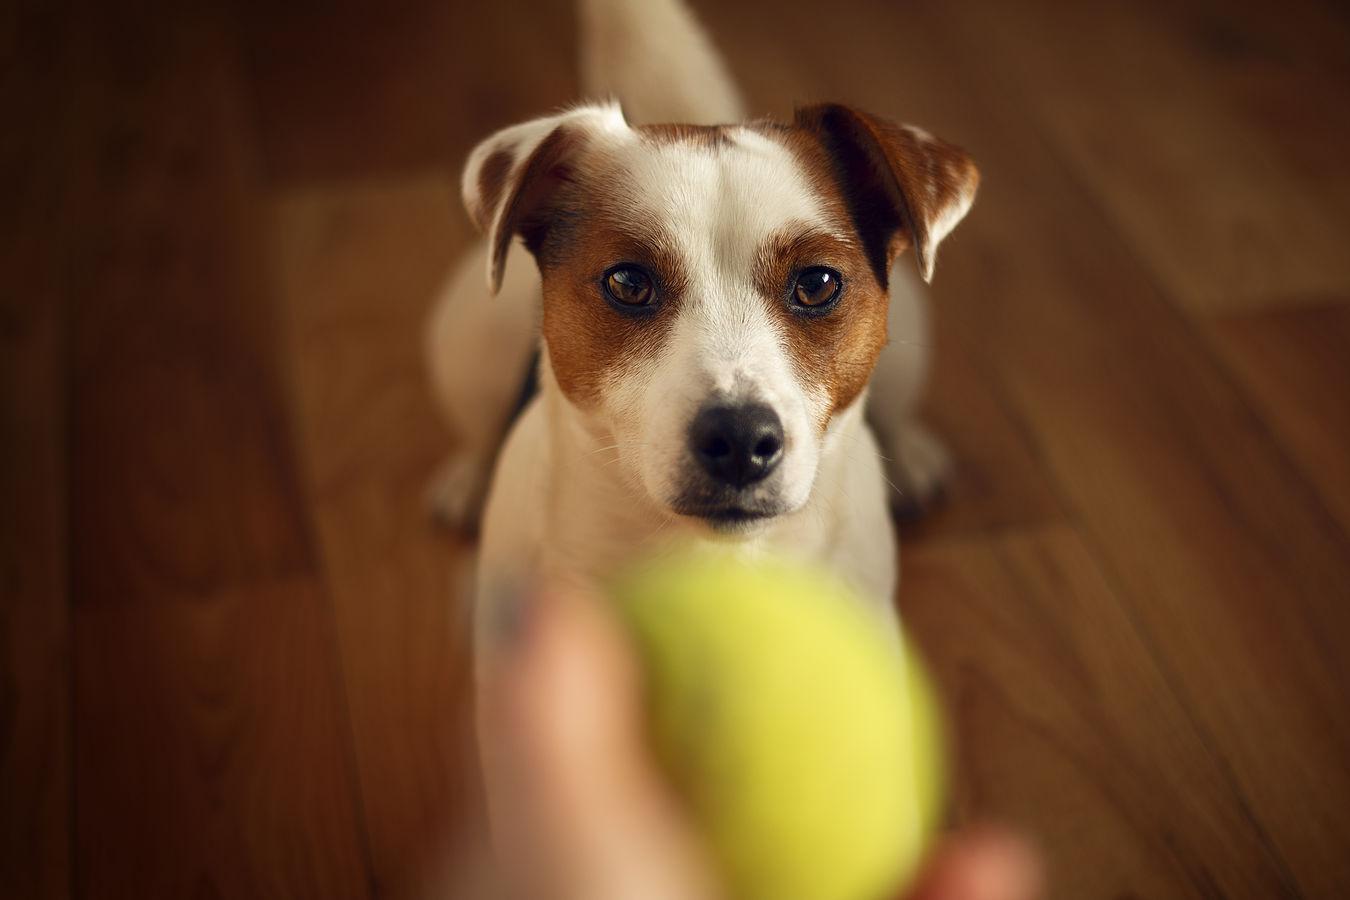 Chceš si hrát?